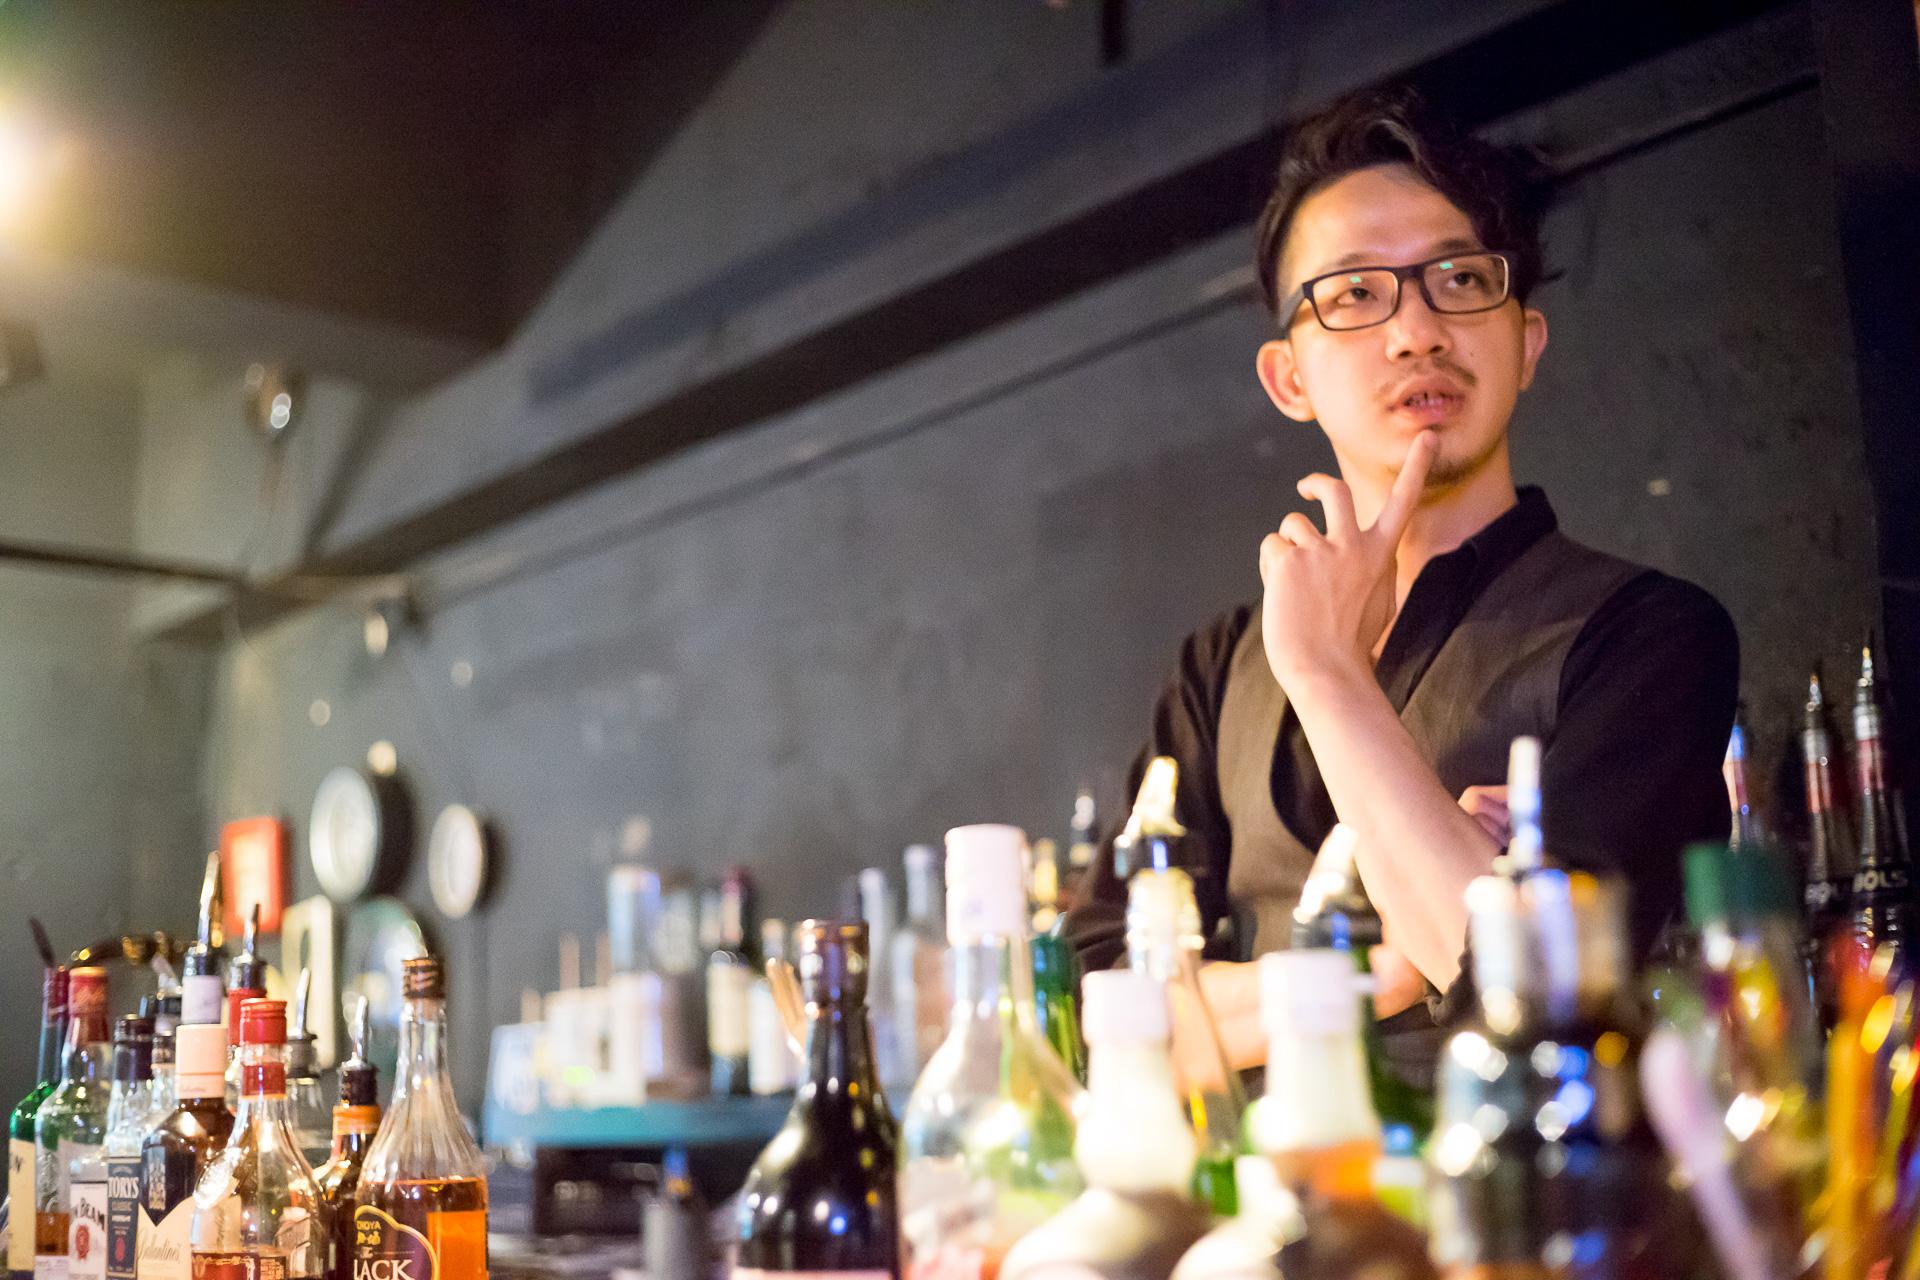 bar moon walk イメージカクテル 考える小森さん